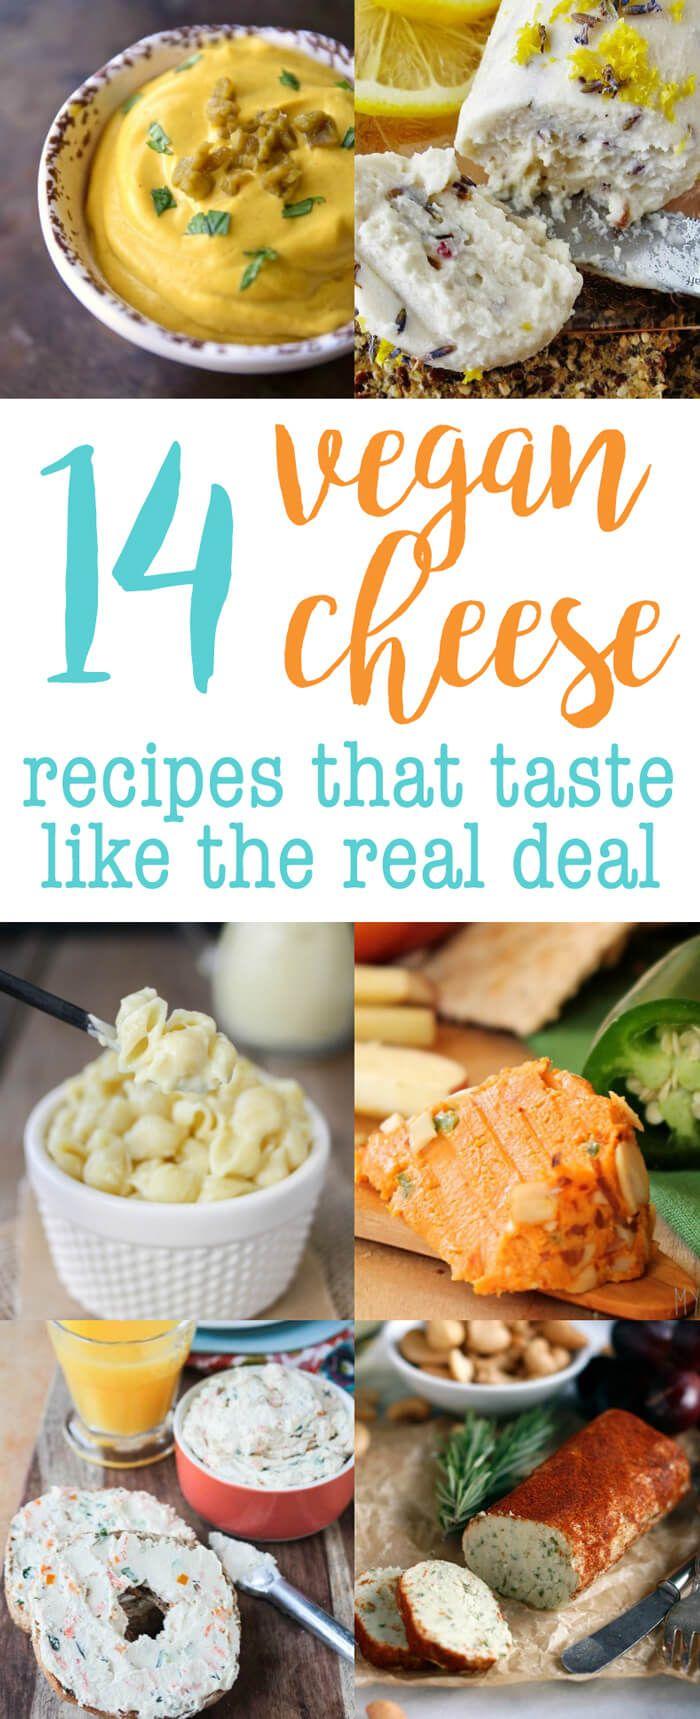 12 Vegan Cheese Recipes Homemade Vegan Cheese Recipe Vegan Cheese Recipes Vegan Dishes